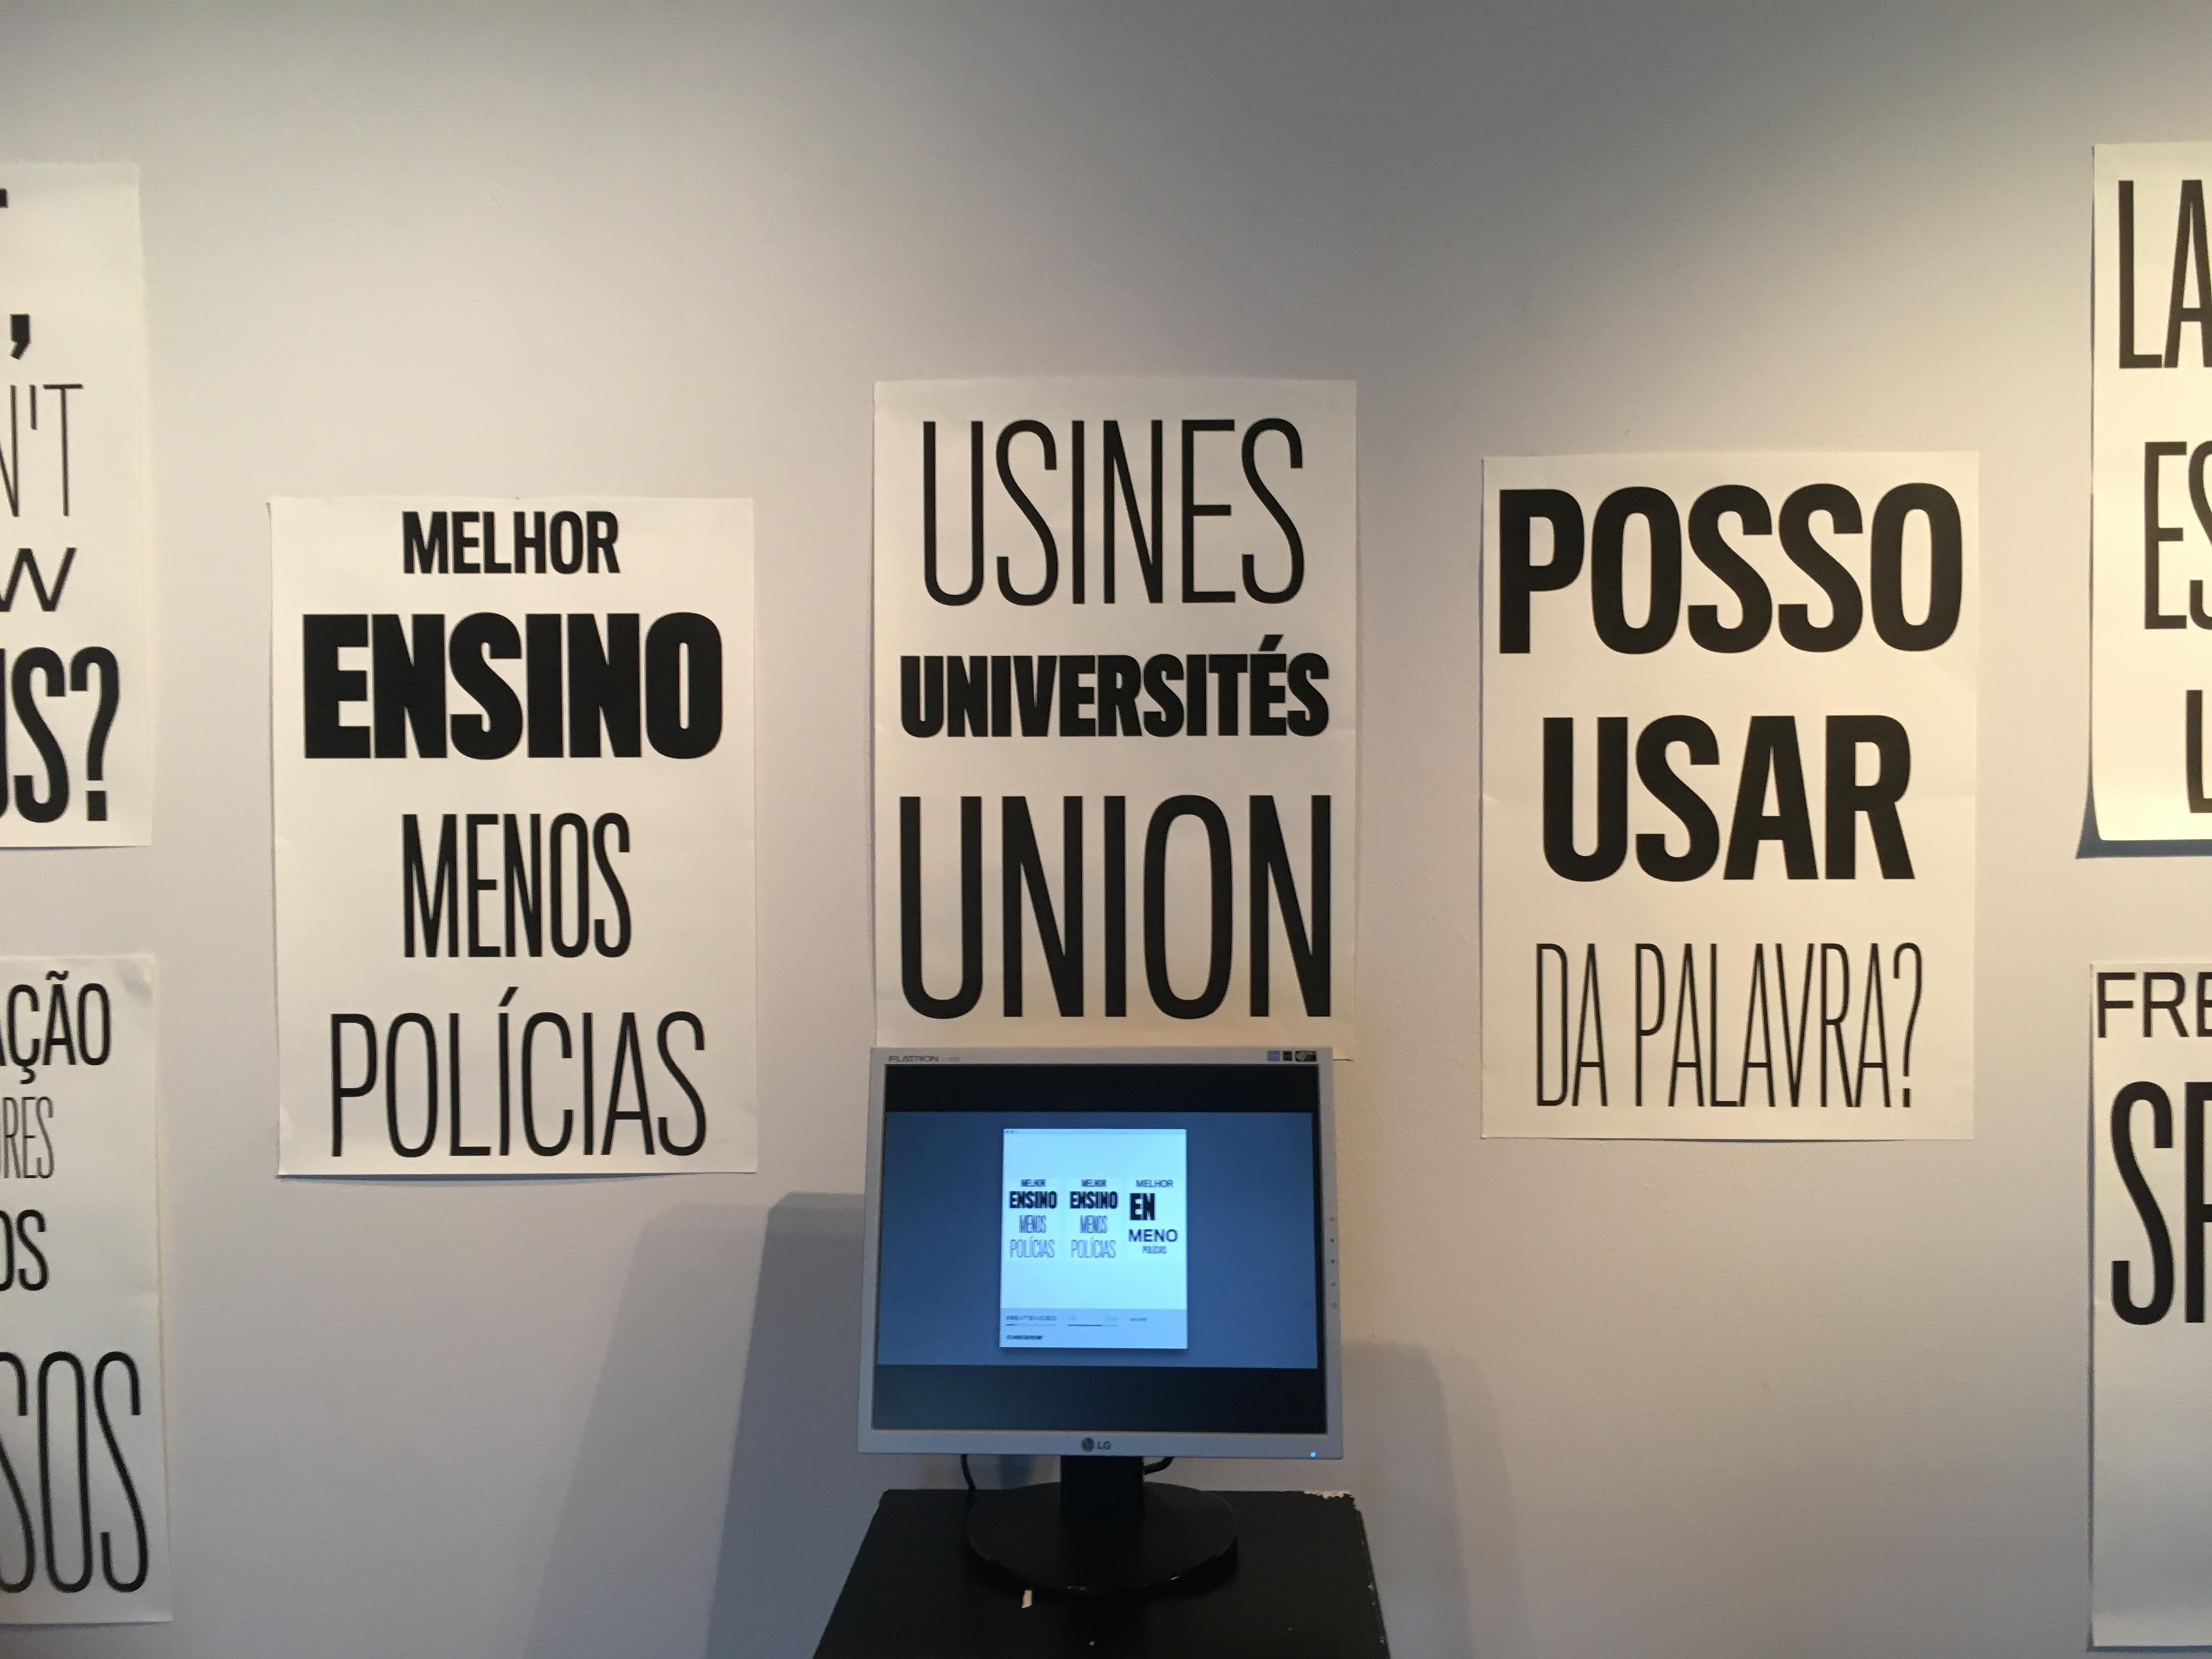 Evolutionary Poster Composer by Sérgio Rebelo - Creative Work - $i